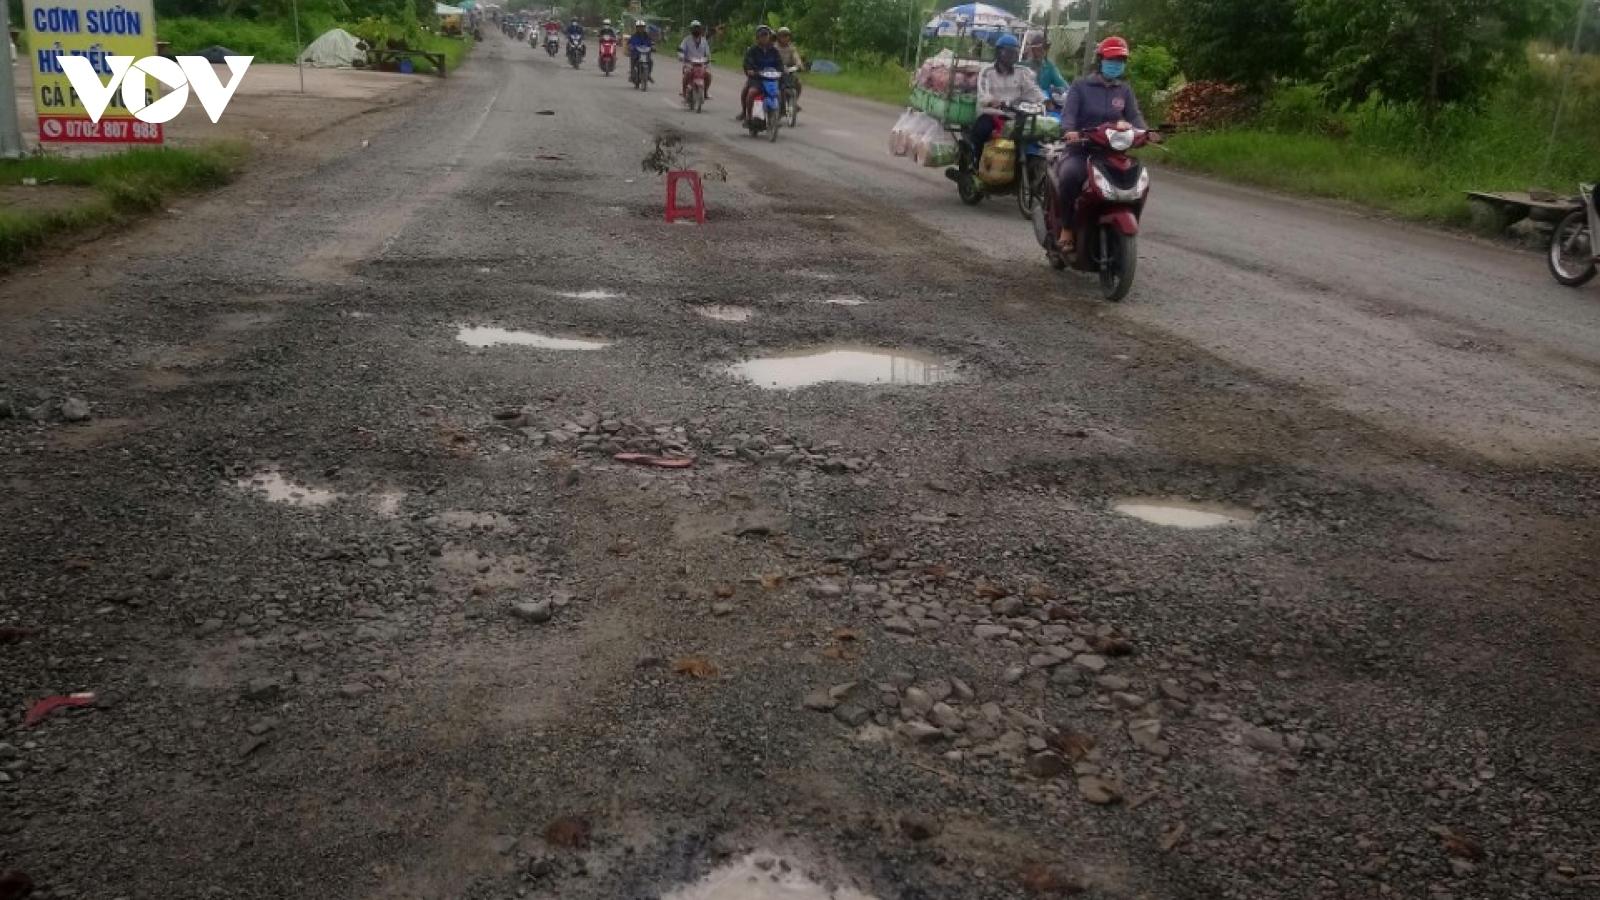 """Quốc lộ 63 qua Kiên Giang xuất hiện nhiều """"ổ gà, ổ voi"""" sau mưa lớn."""